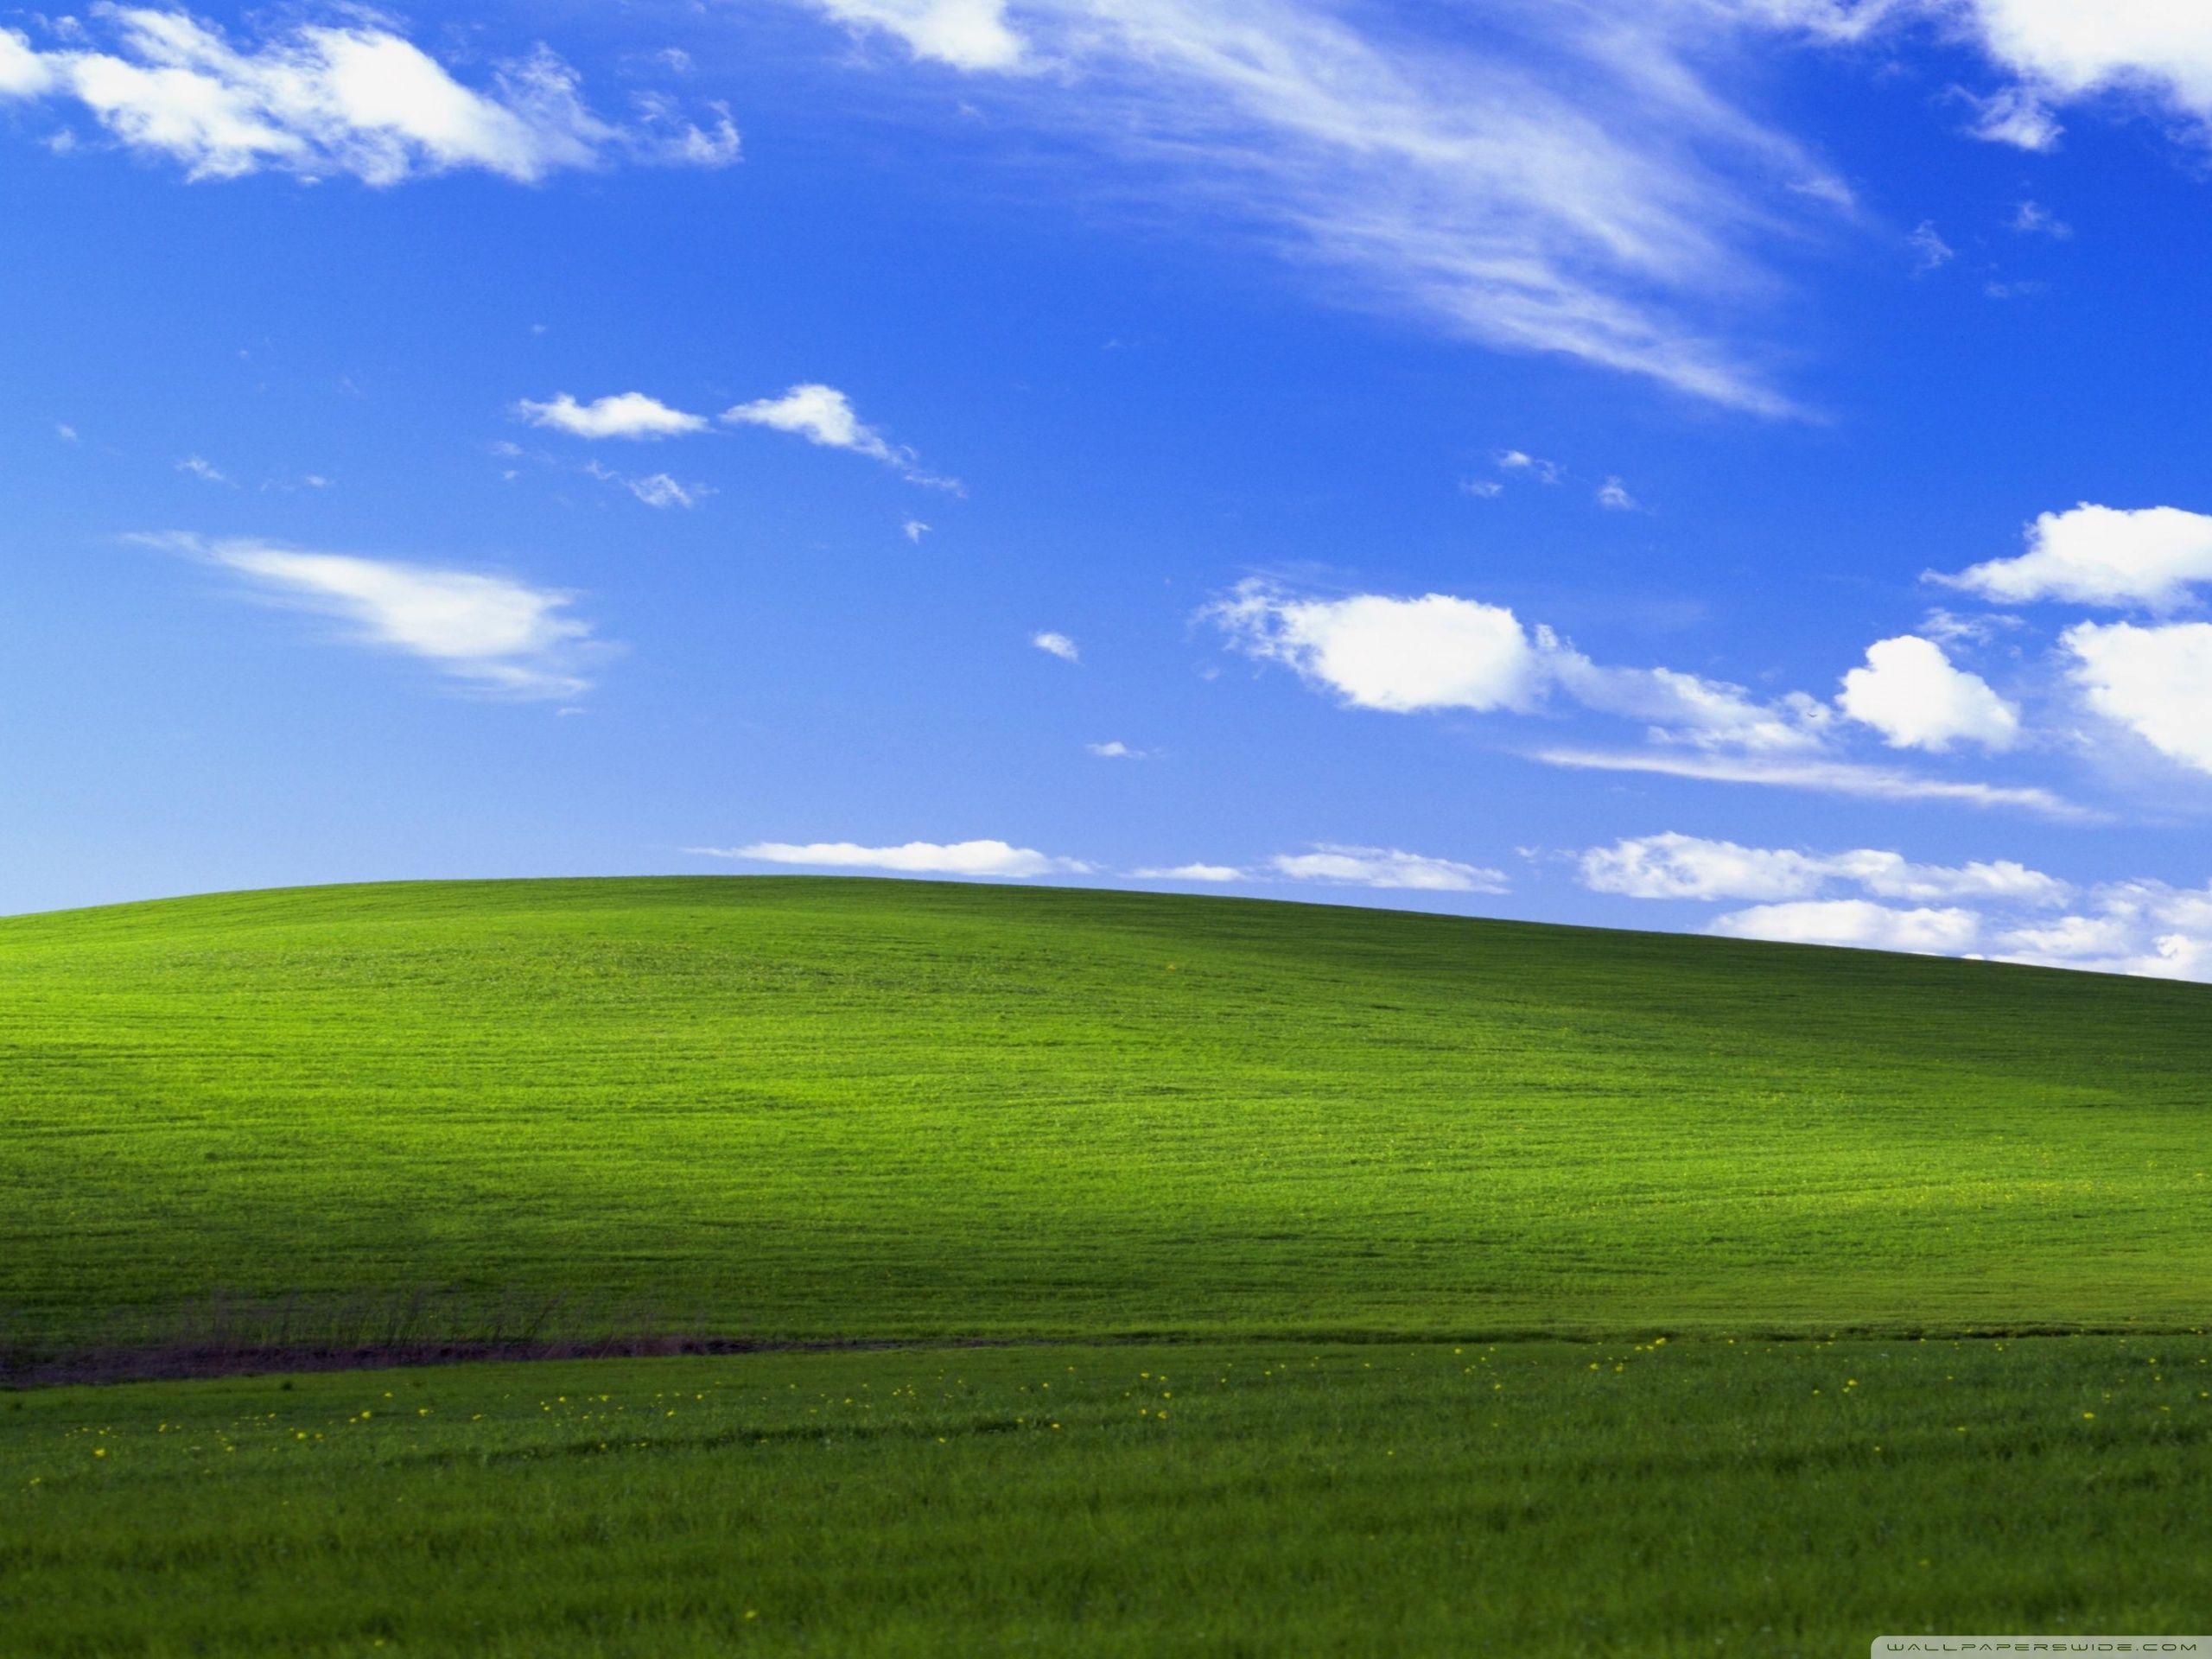 Windows Xp Hd Desktop Wallpaper Widescreen High Definition Windows Xp Windows Wallpaper Backgrounds Desktop